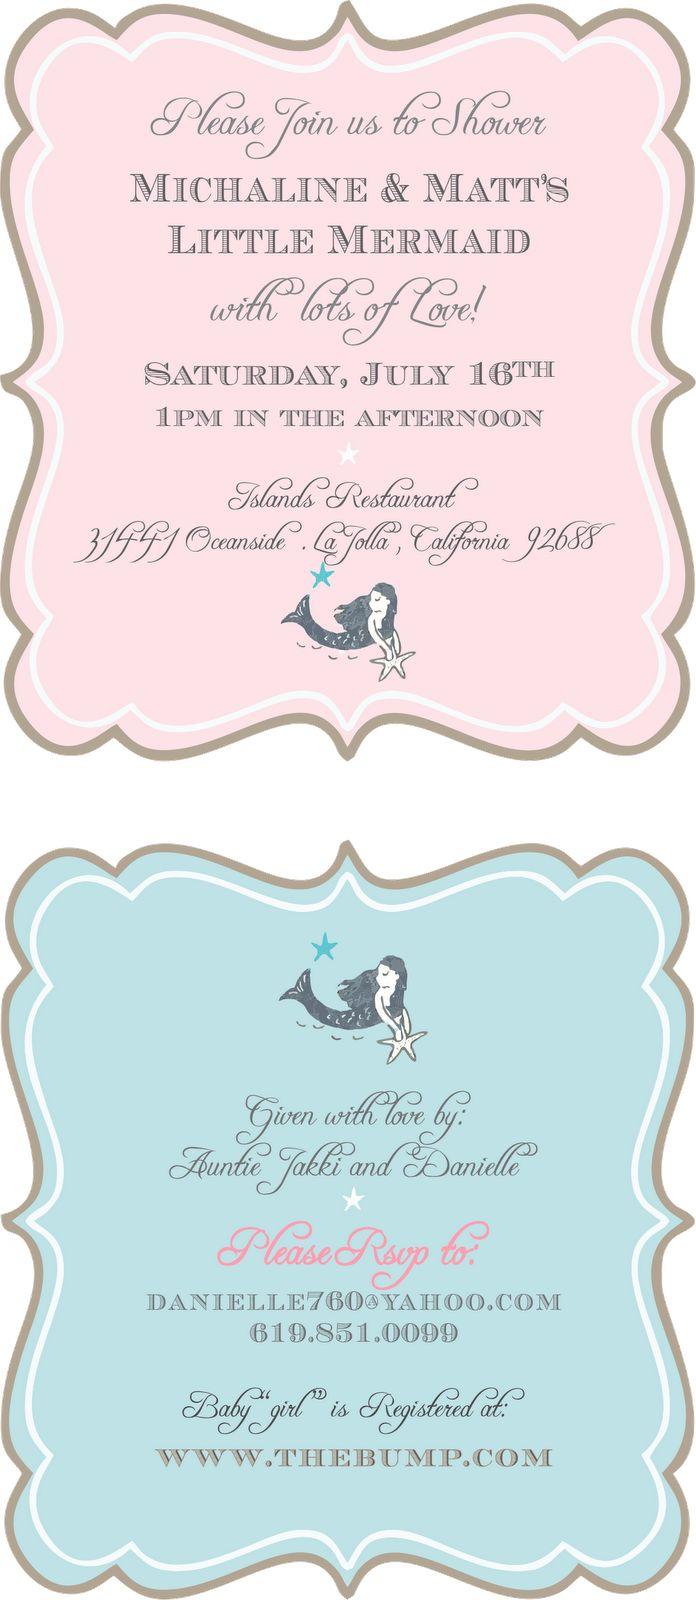 dani's details: Mermaid Baby Shower